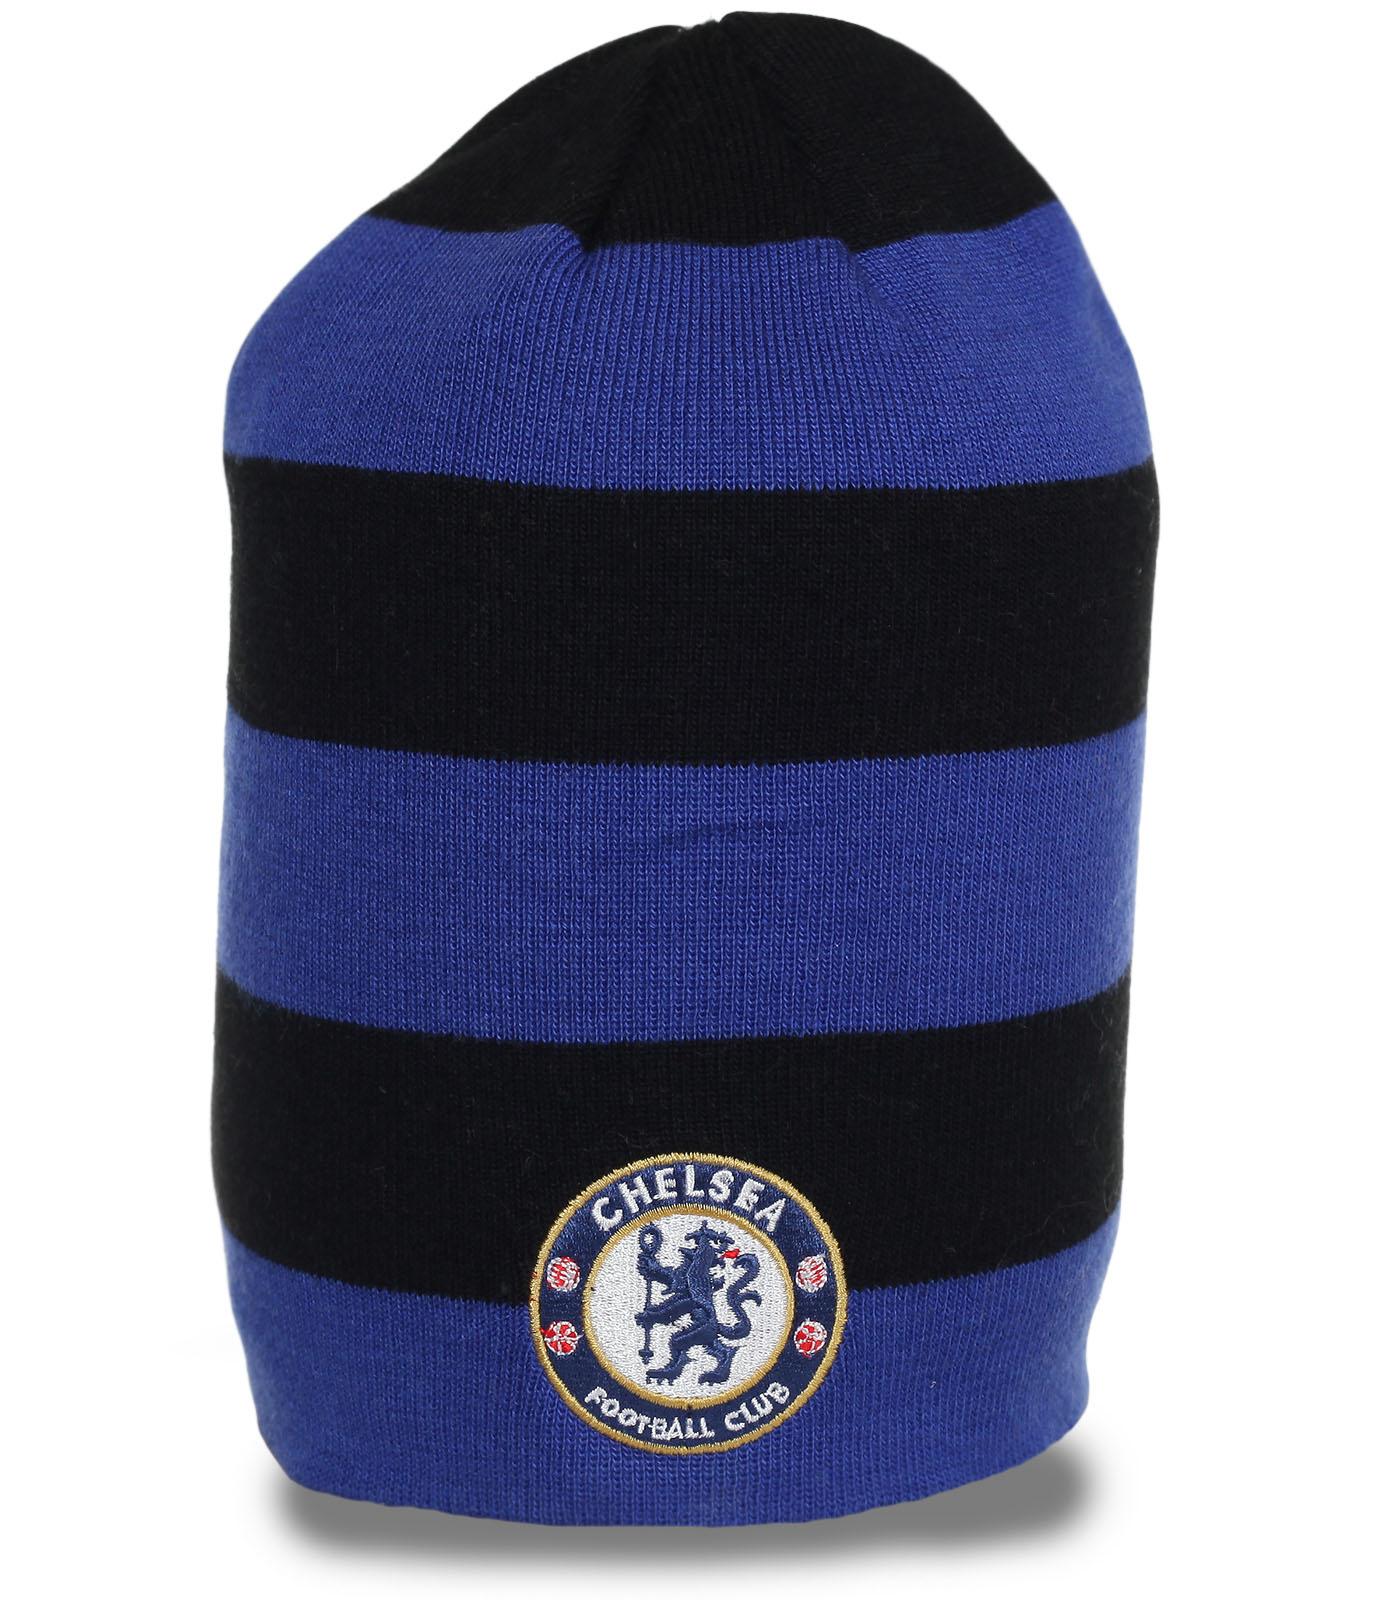 Популярная шапка Chelsea. Современная модель для парней, ценящих активных образ жизни